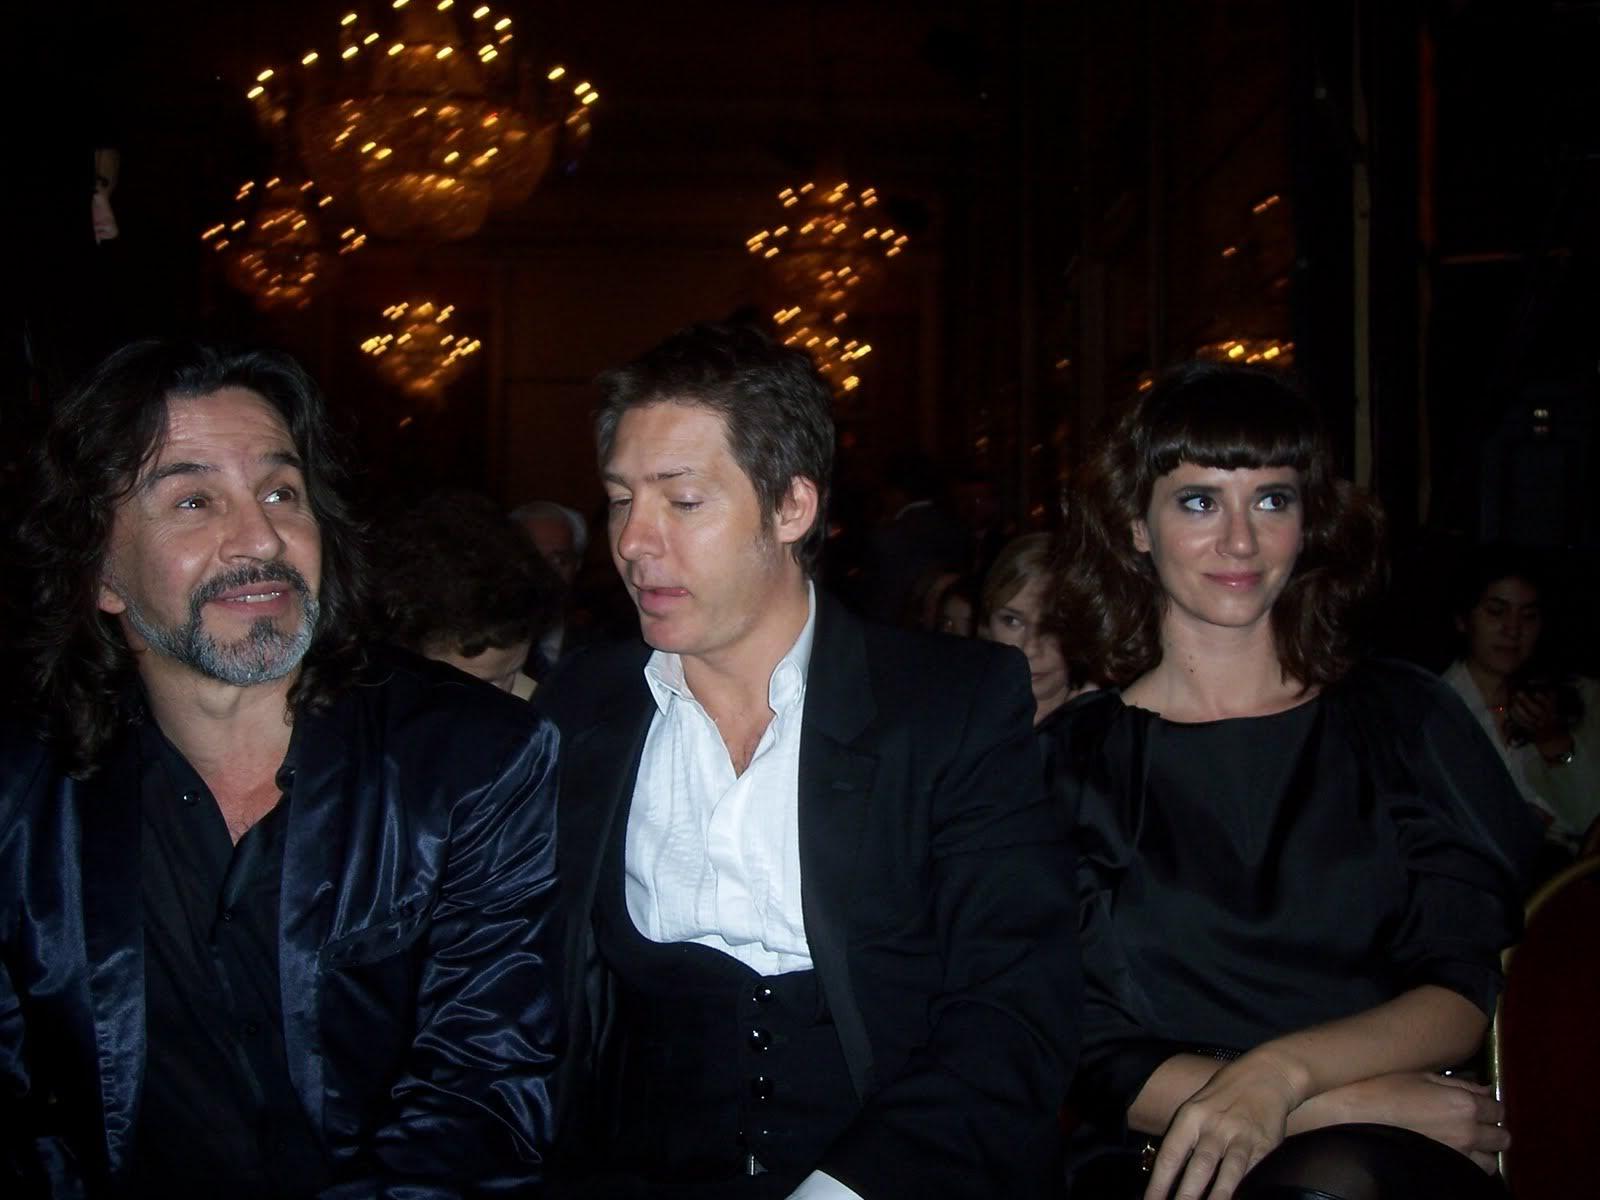 Osvaldo en los premios fund TV Imagen_022